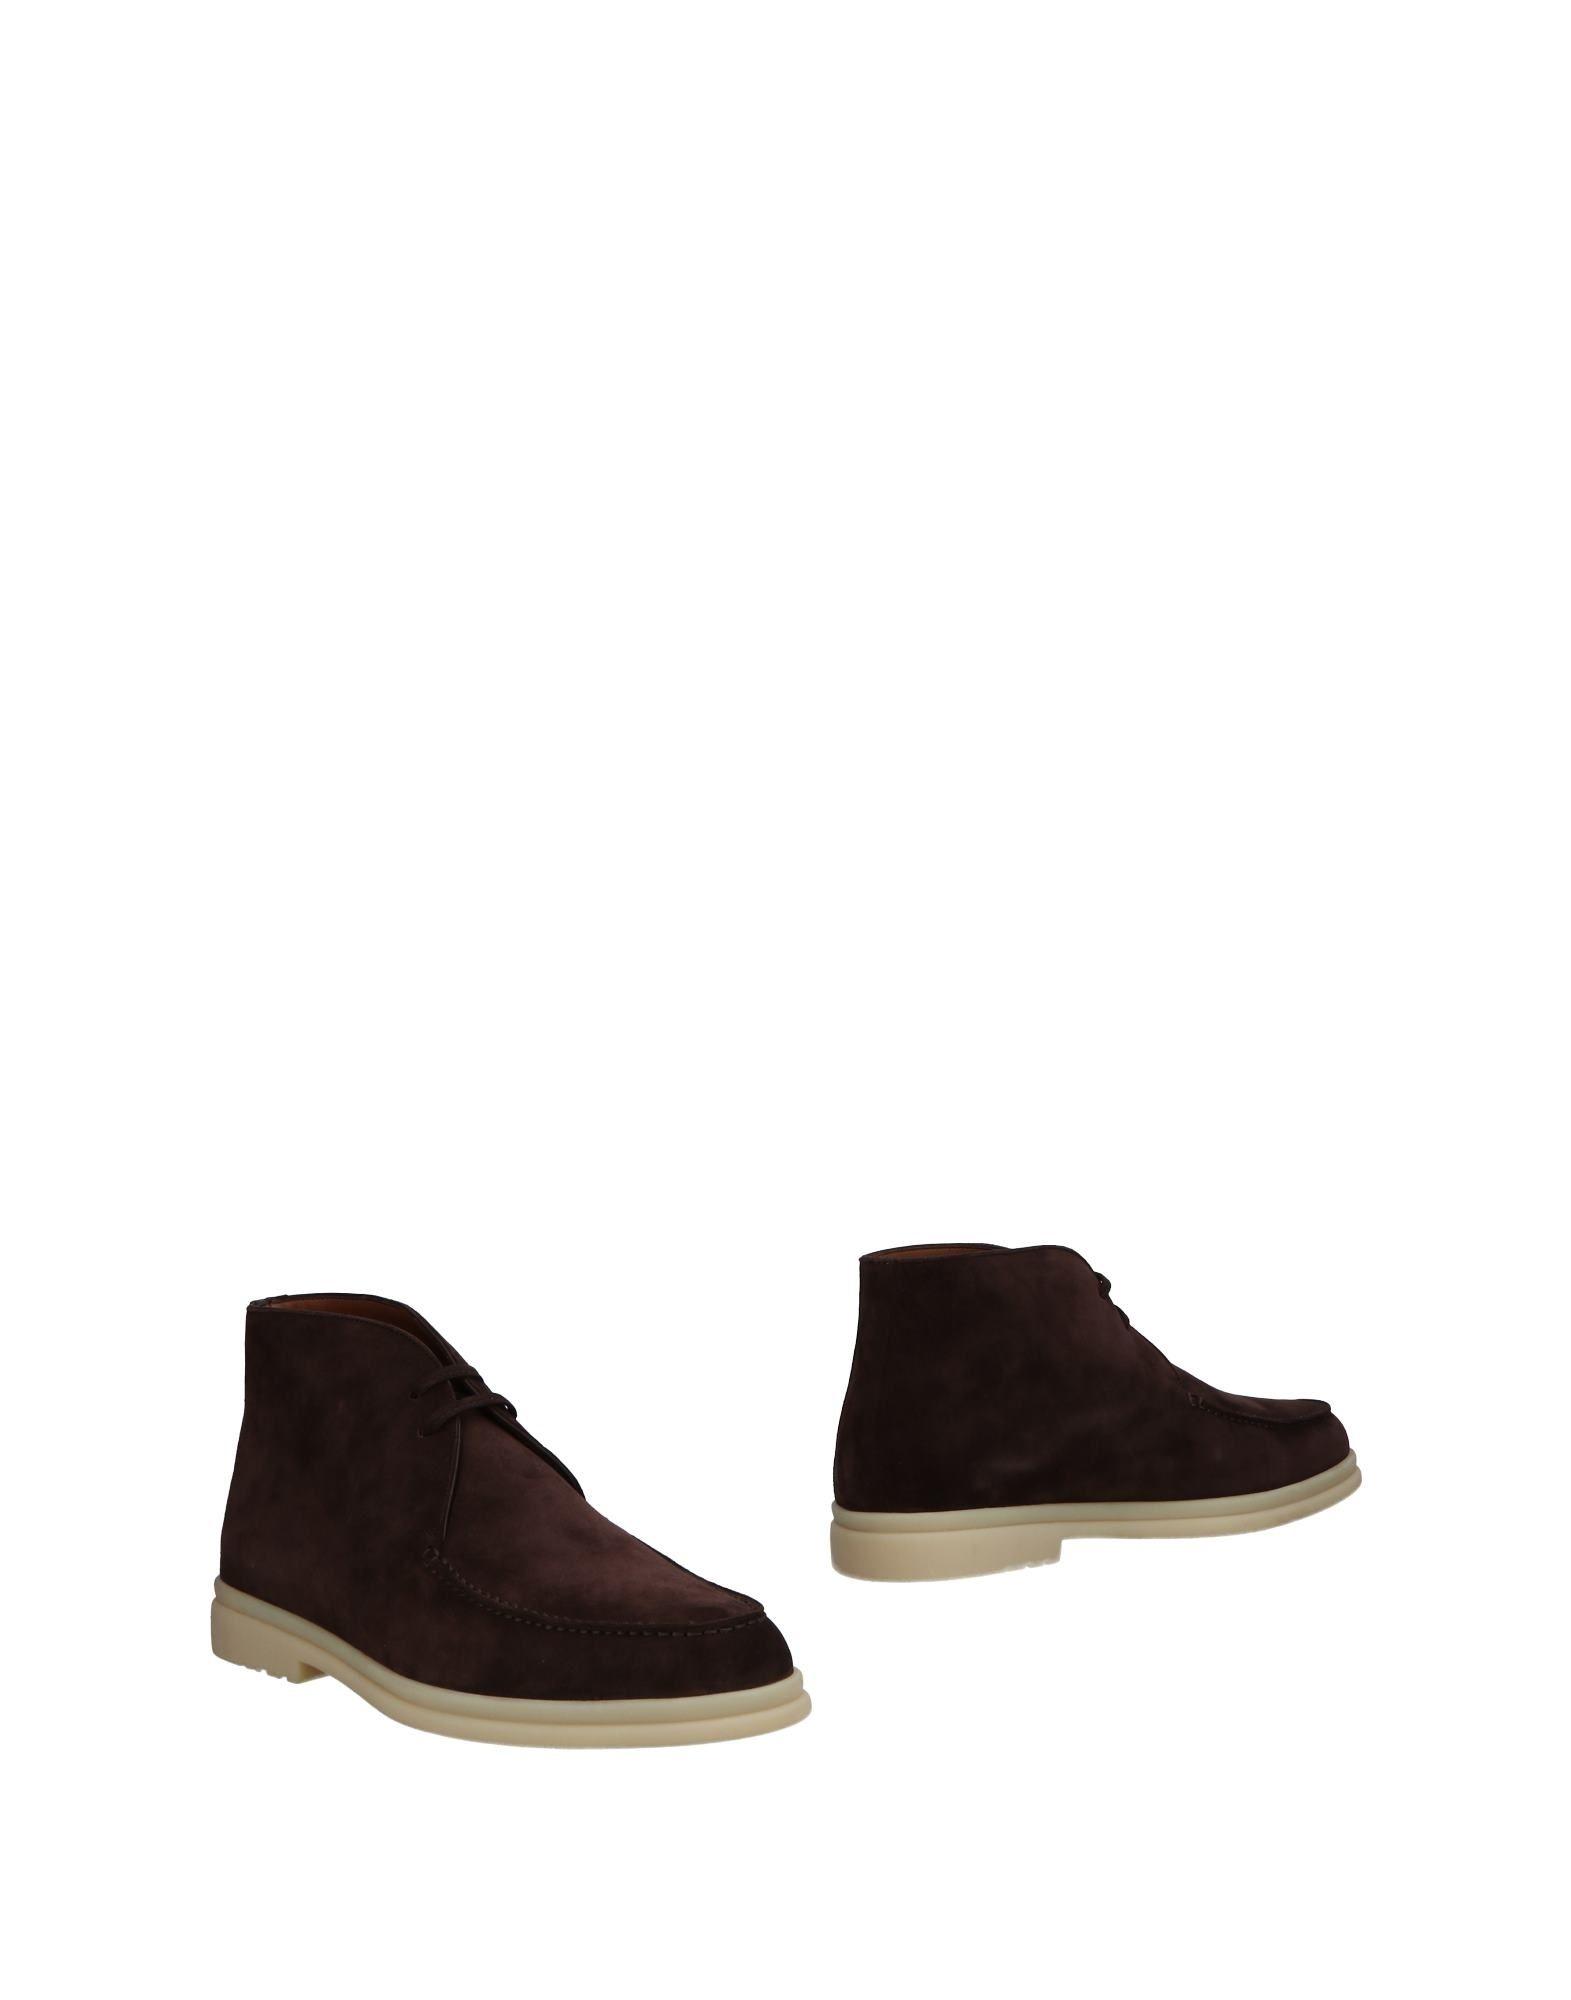 Loro Piana Stiefelette Herren  11496468TP Gute Qualität beliebte Schuhe